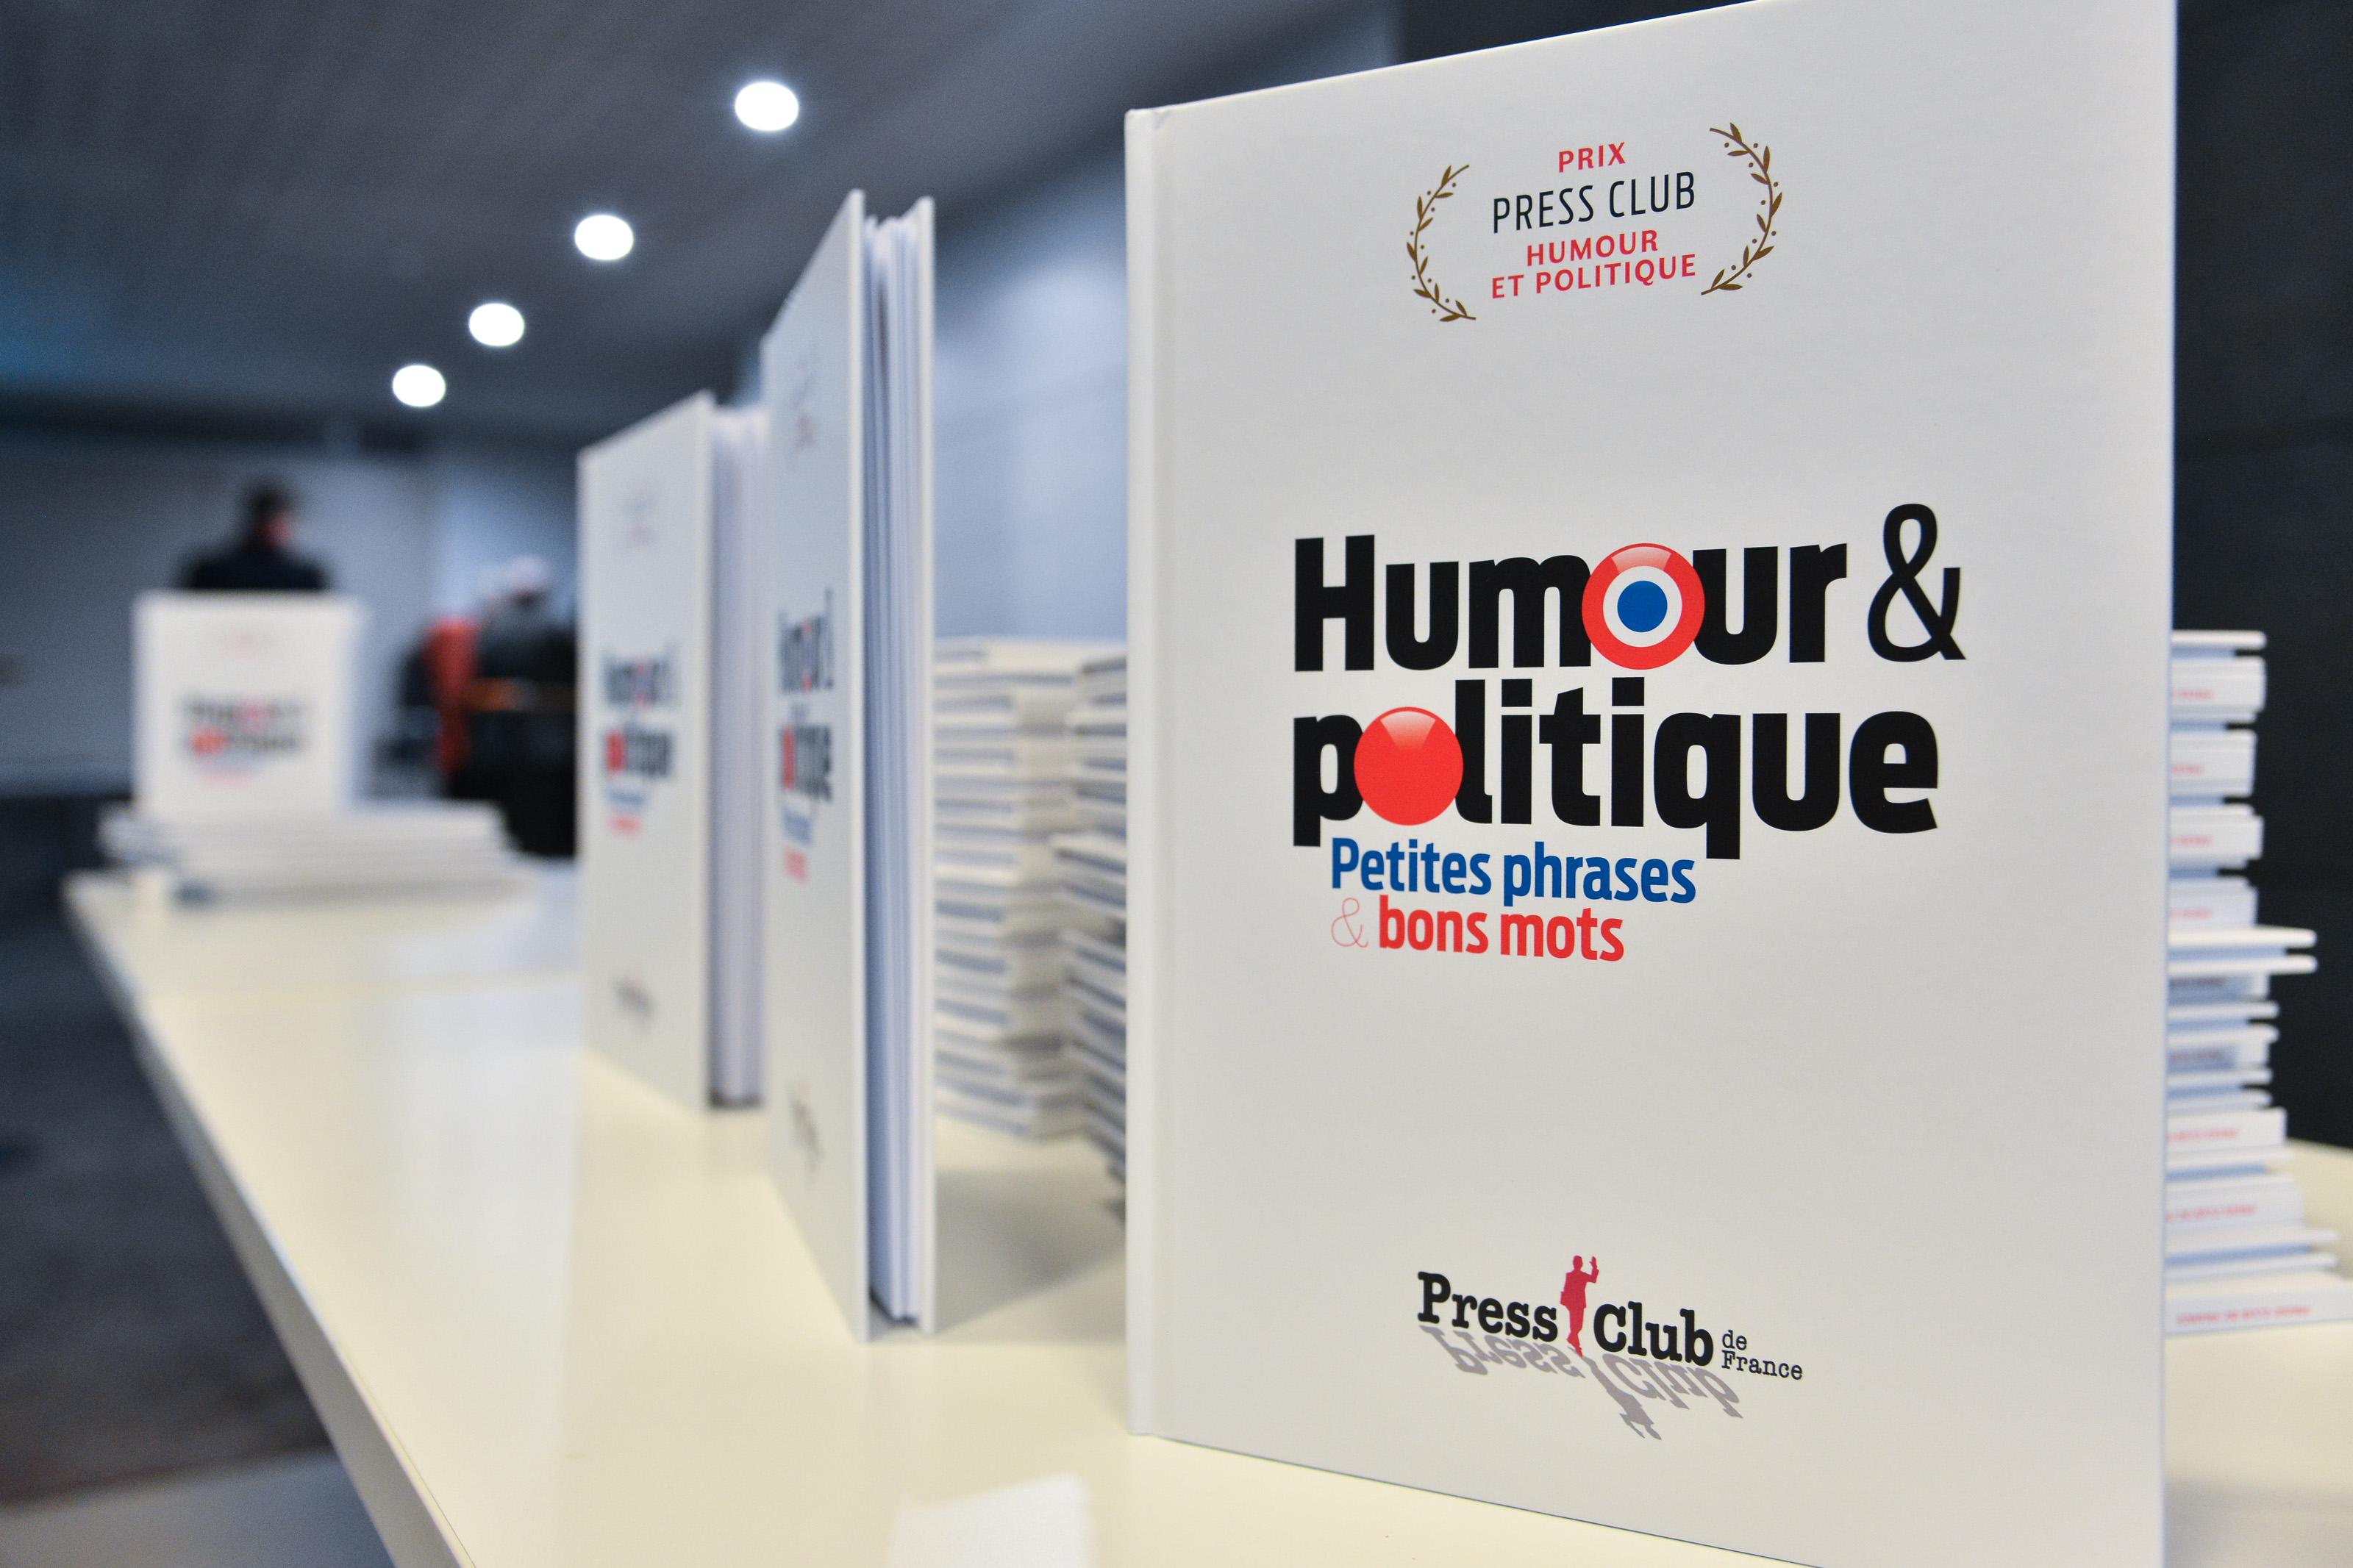 Prix Press Club Humour Et Politique Le Livre